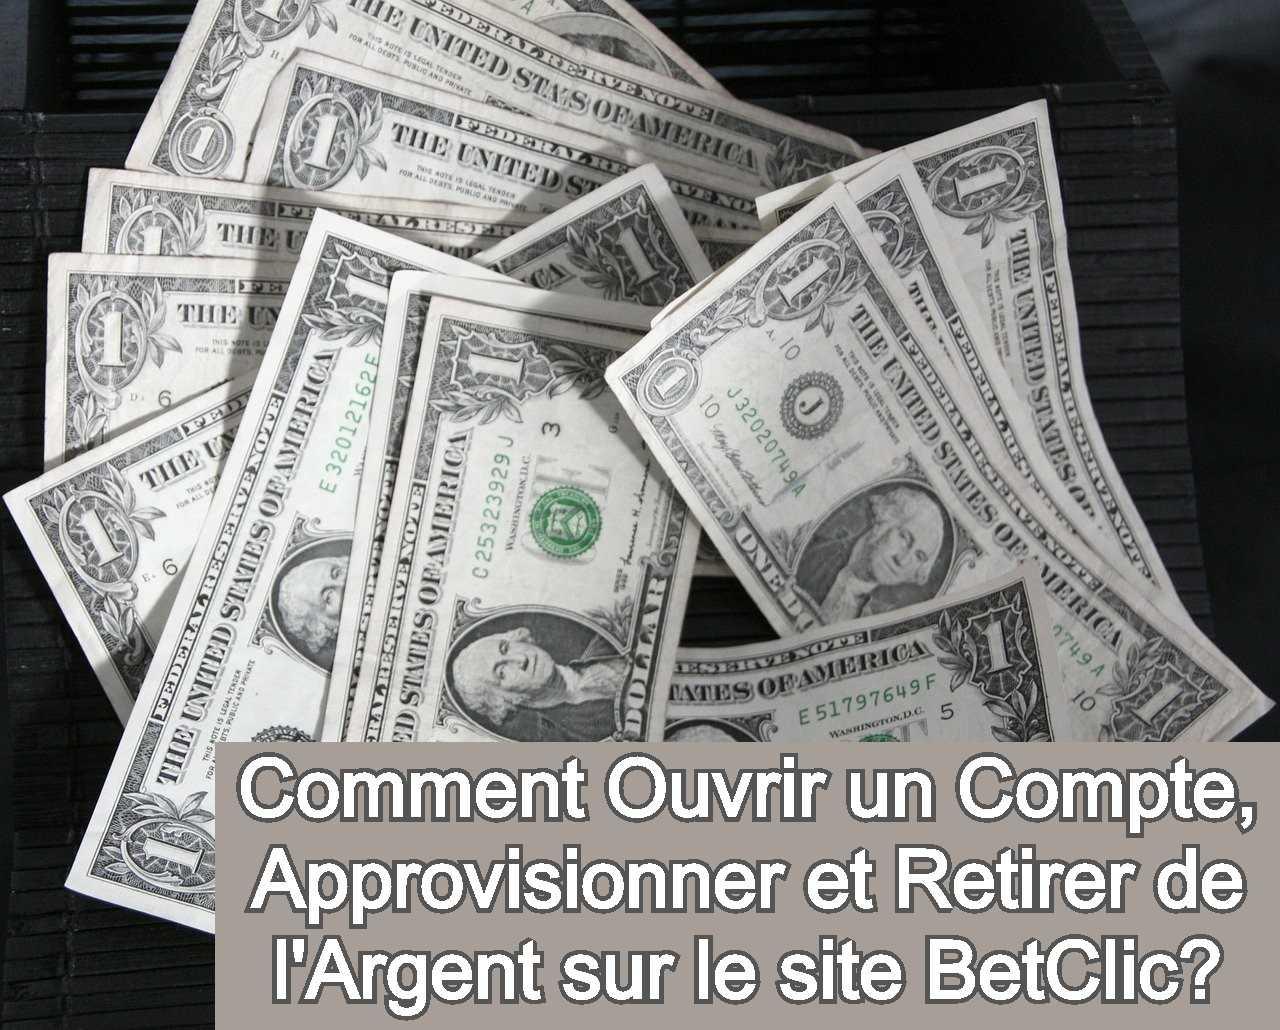 Comment Ouvrir un Compte, Approvisionner et Retirer de l'Argent sur le site BetClic?